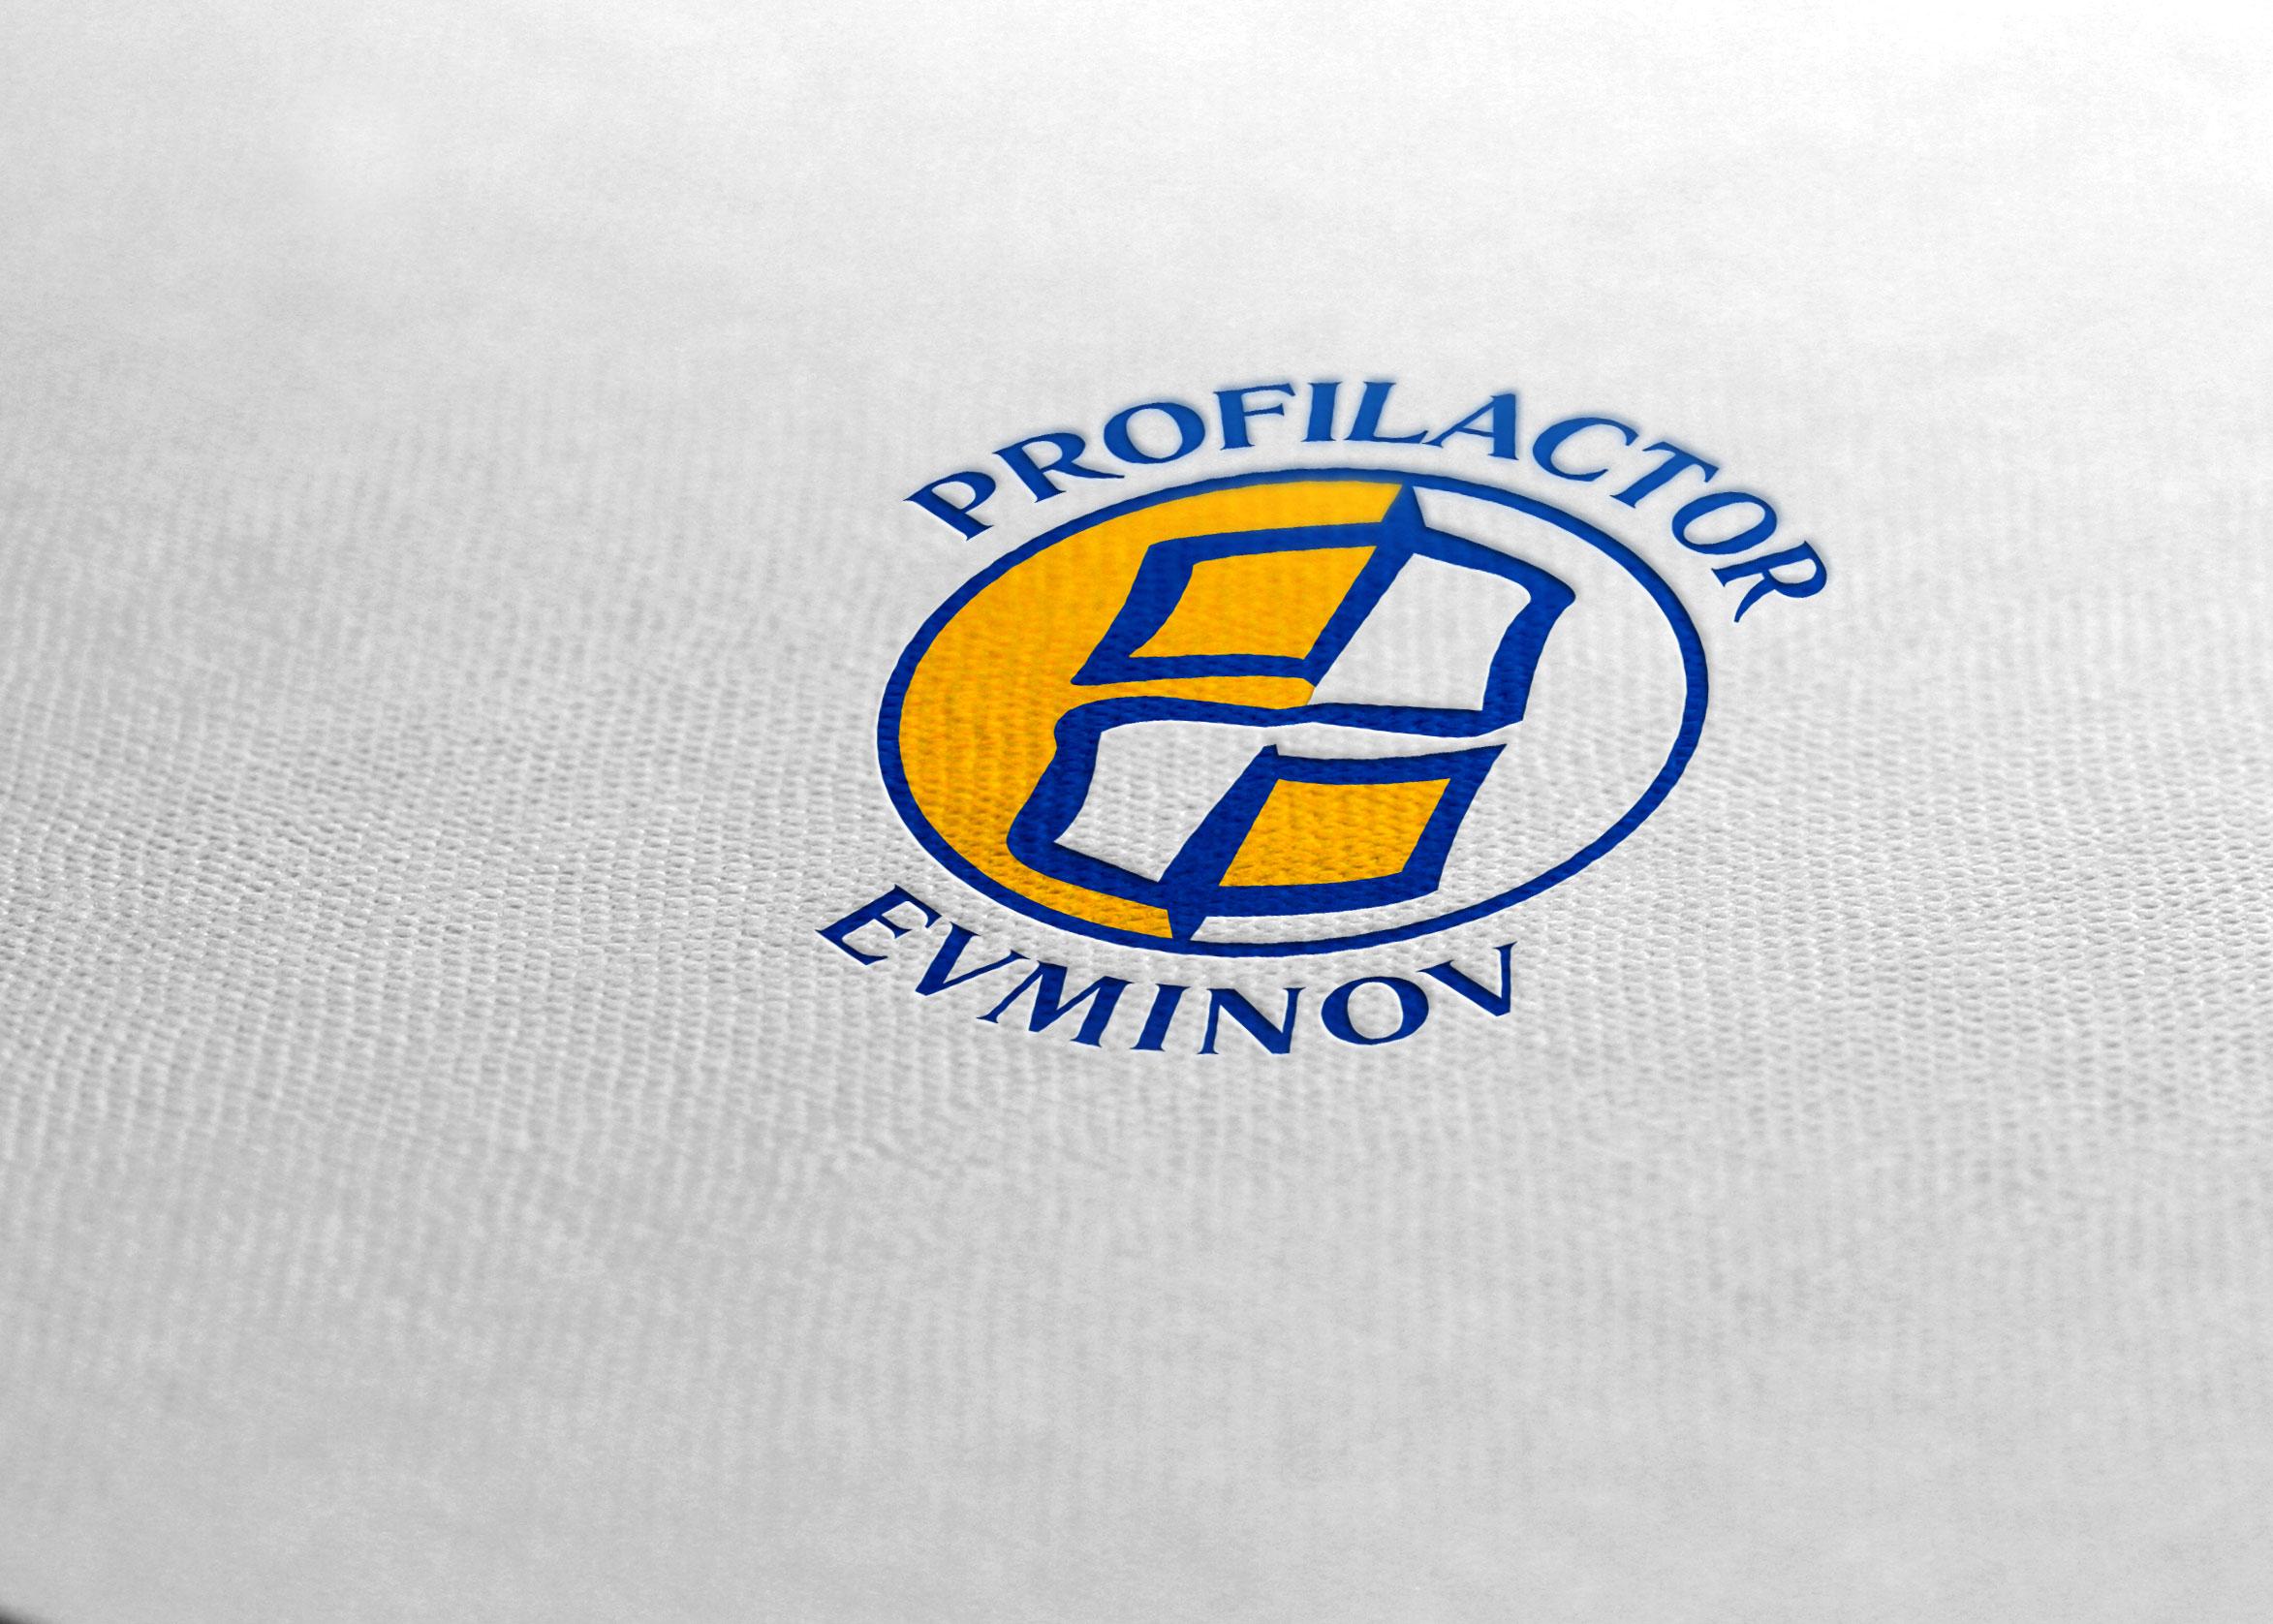 Торговая марка Украины Profilactor Evminon торговый дом